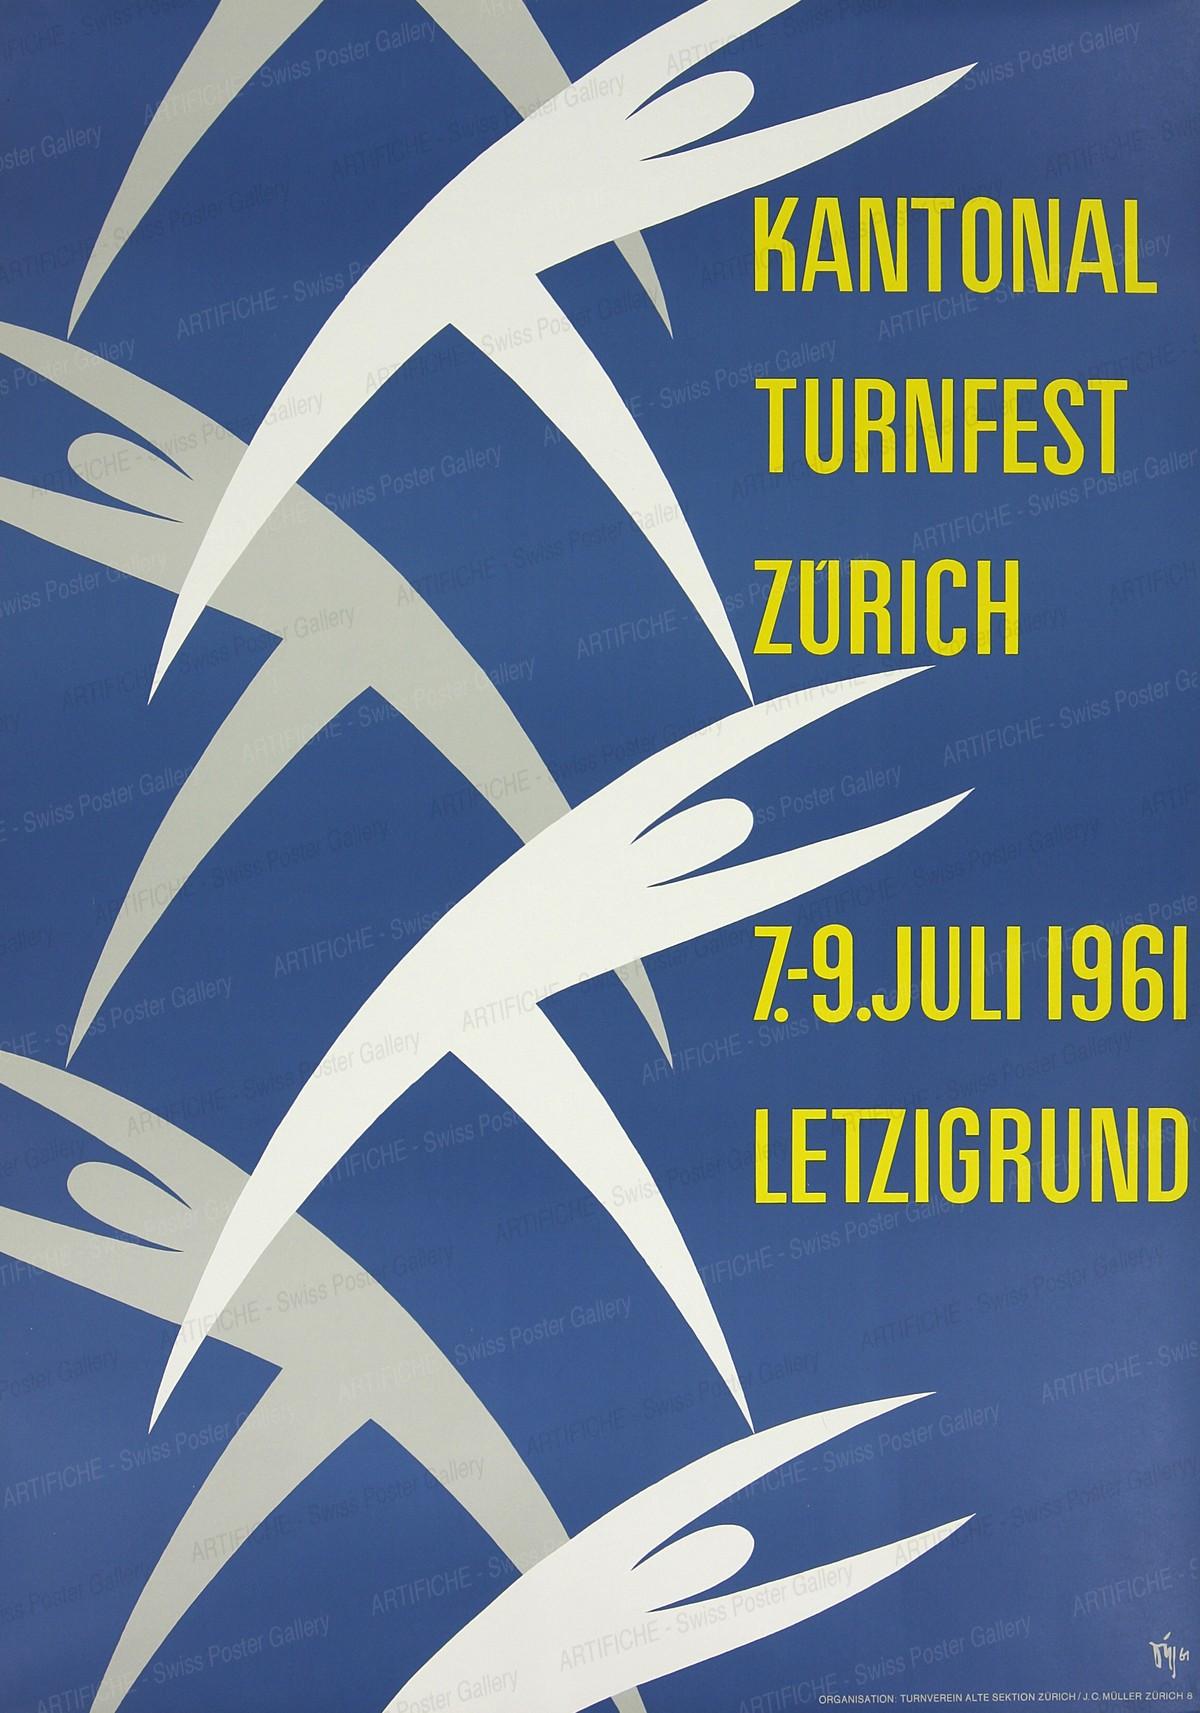 KANTONAL TURNFEST ZURICH 7.-9. Juli 1961 LETZIGRUND, Alex Walter Diggelmann